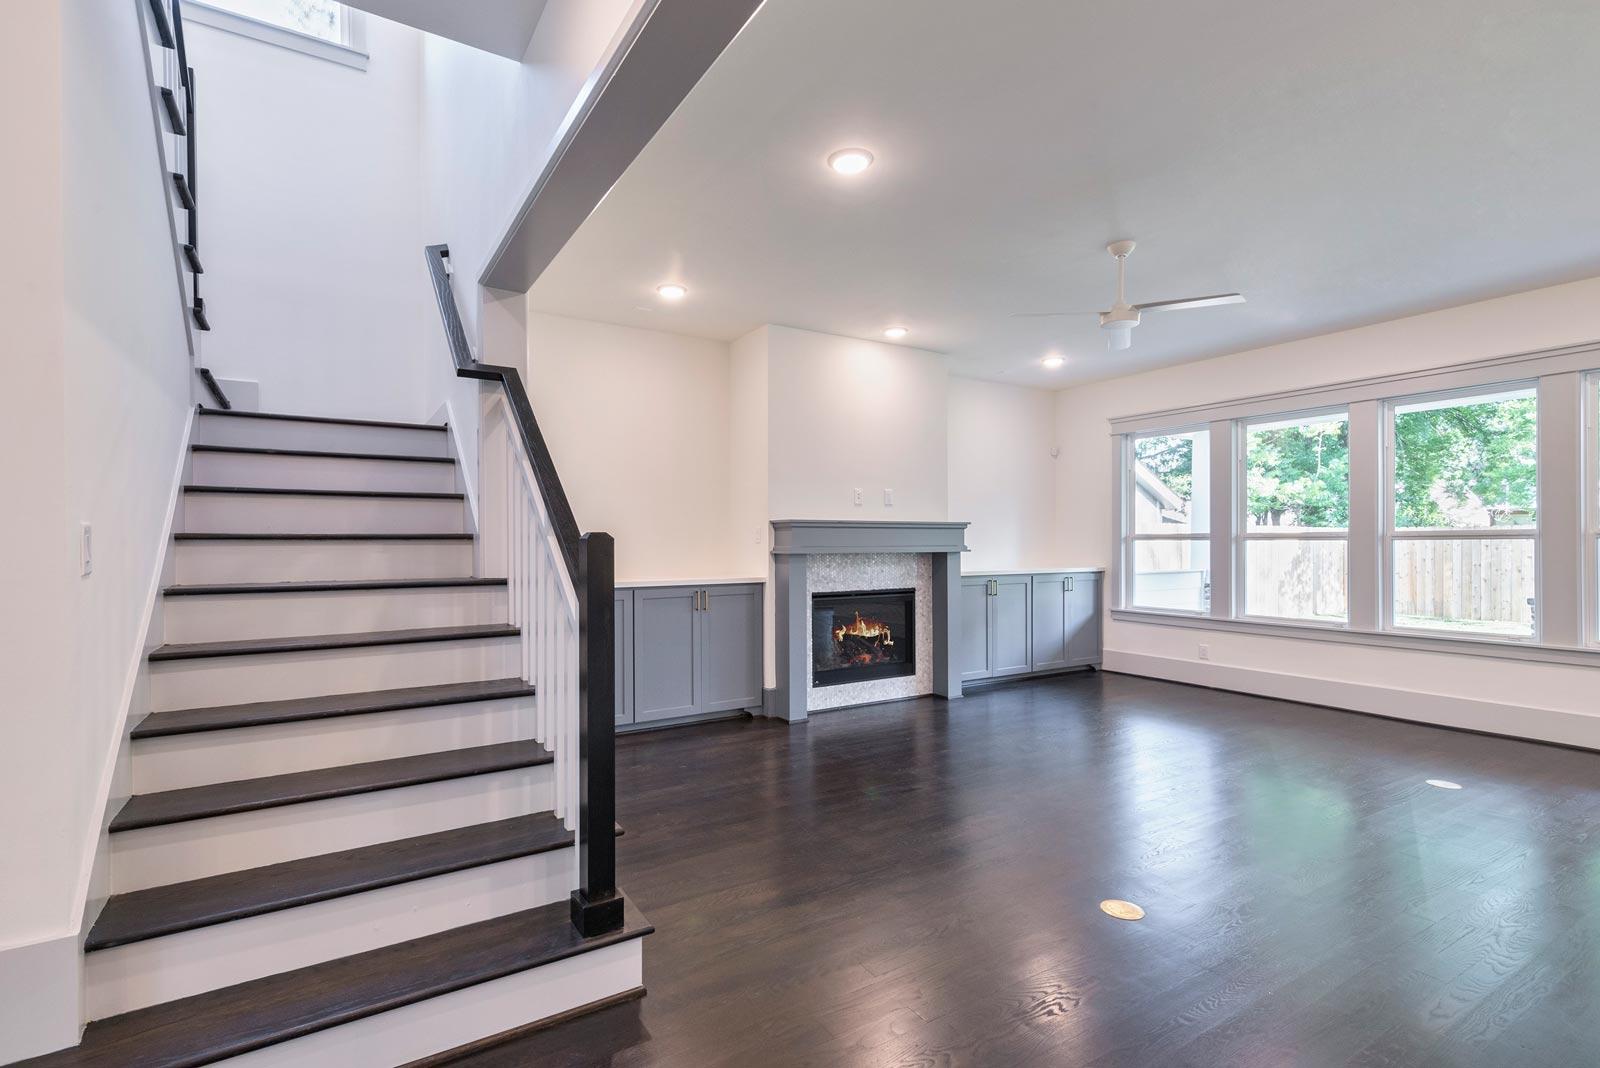 Houston-Homebuilder-Custom-Homebuilder-Central-Houston-Homebuilder-Oak-Forest-Family-Room-Fireplace-Modern-Staircase-Railing